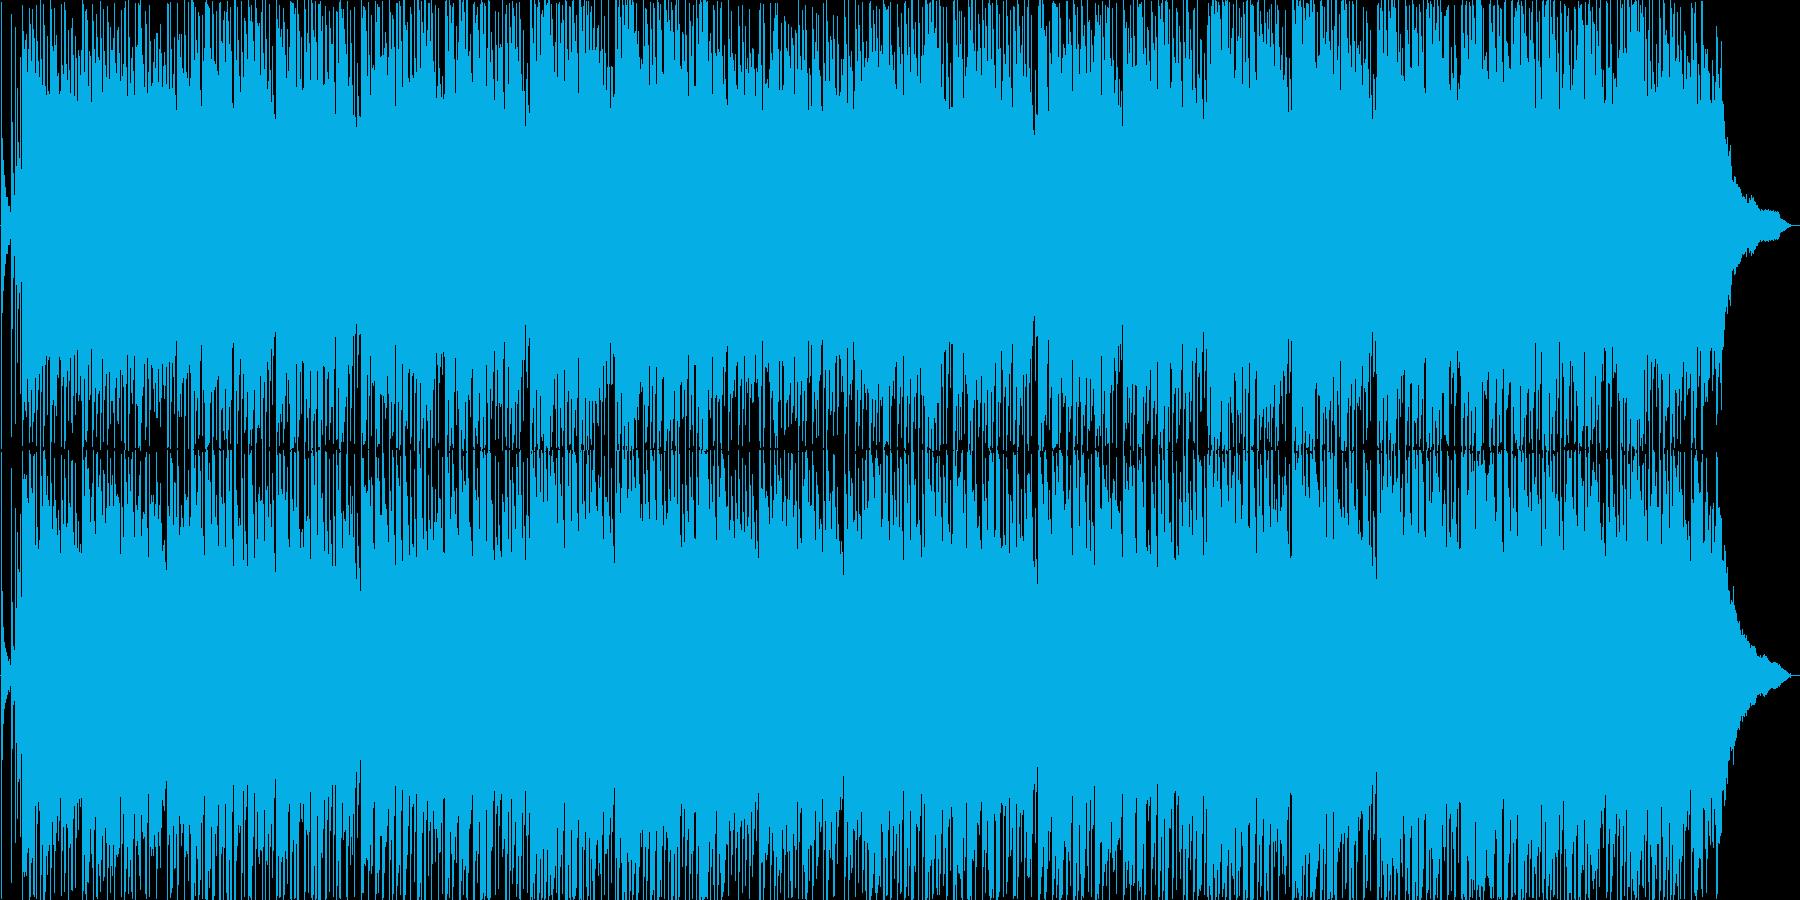 ウェディングをイメージした優しい楽曲の再生済みの波形